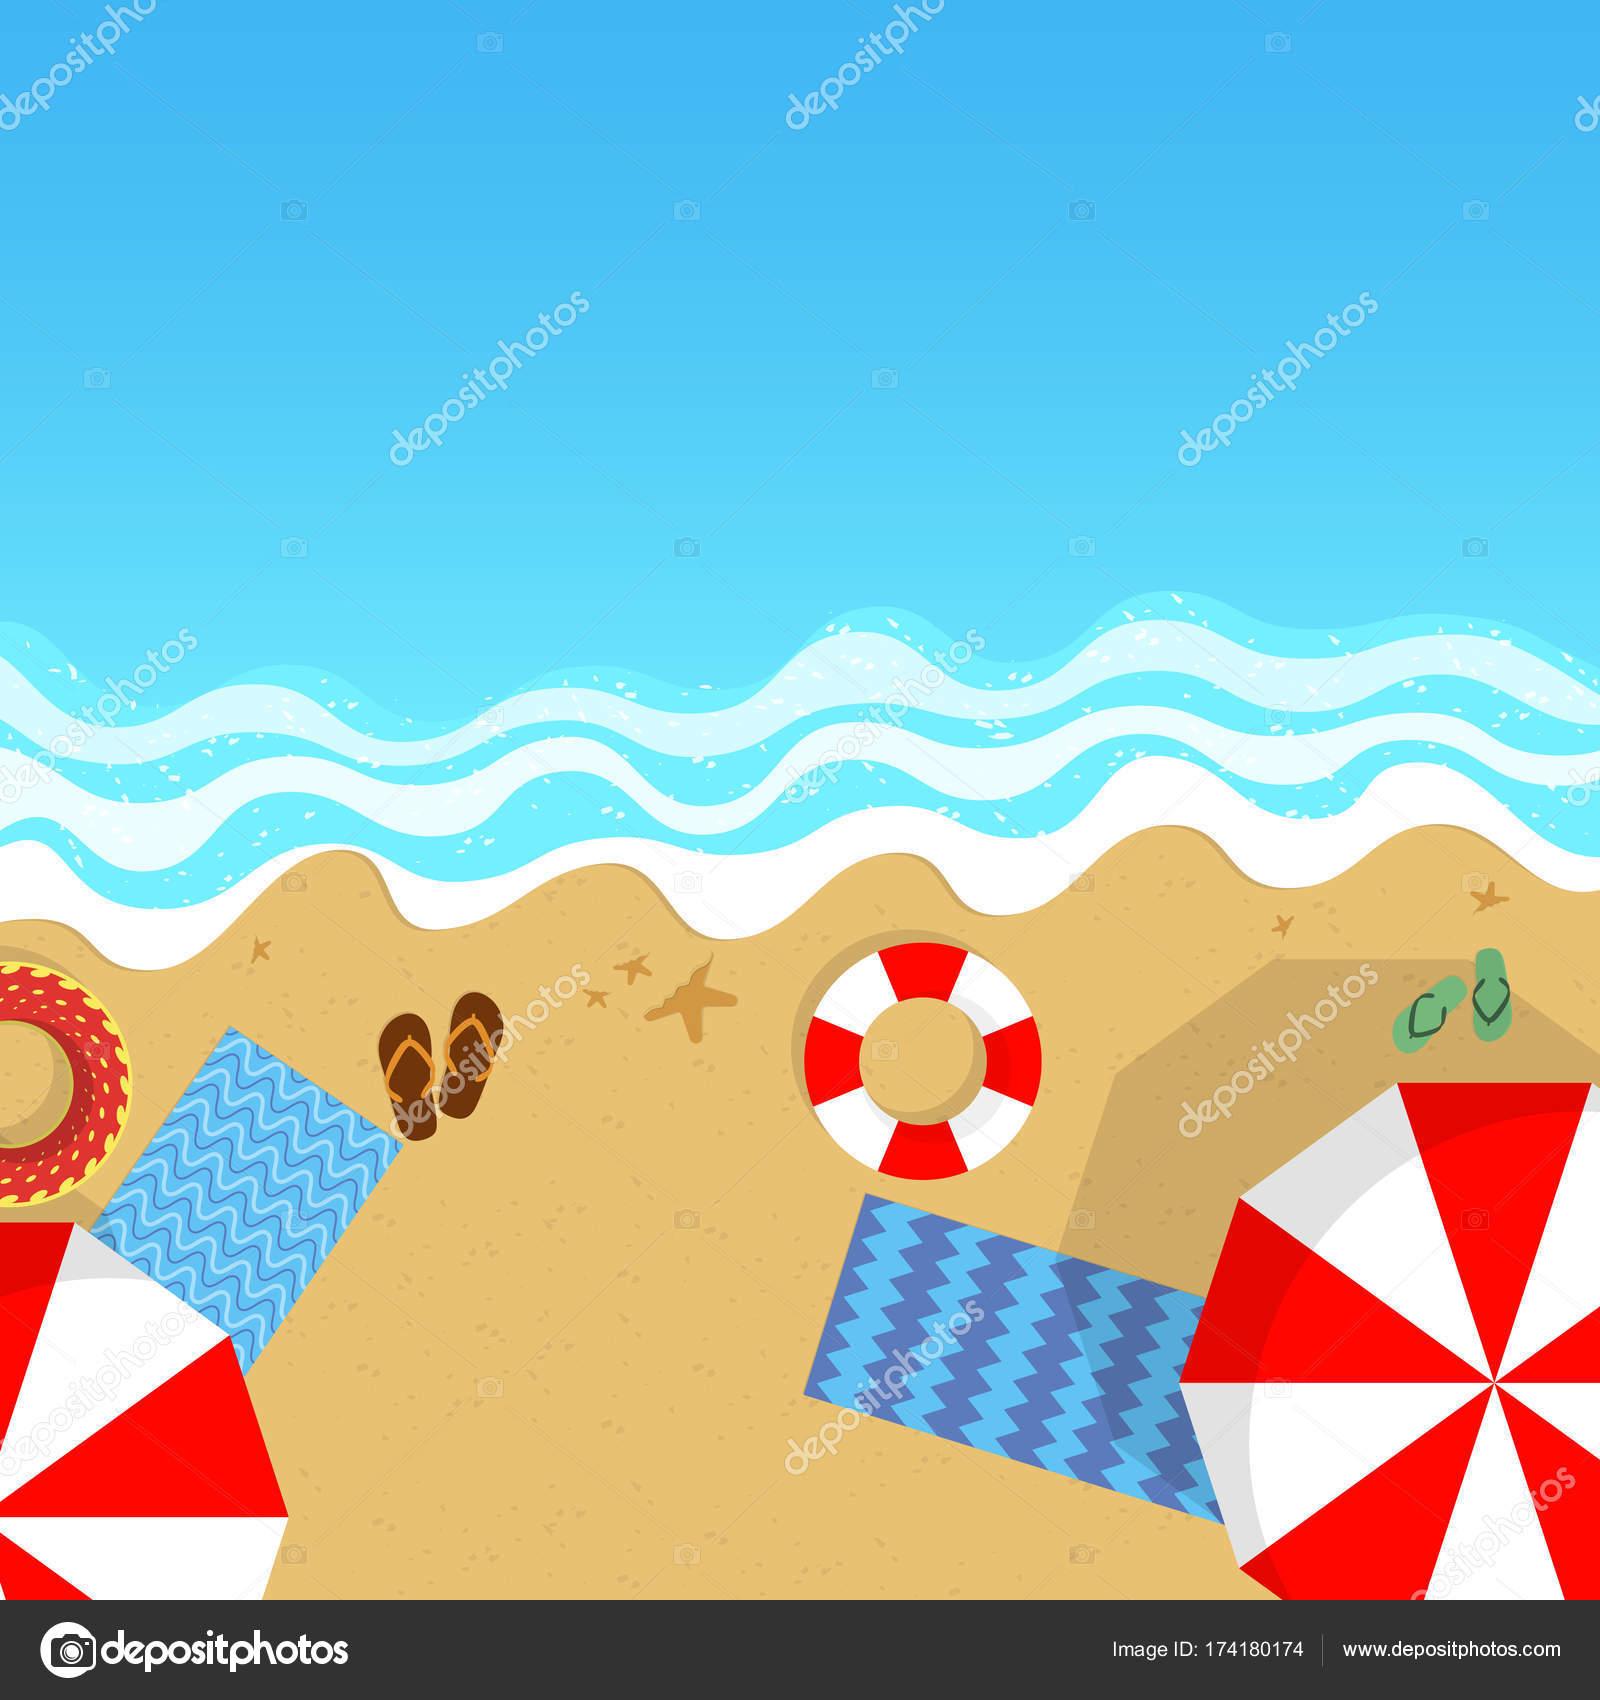 Ле�ом на мо�е и пляж Век�о�н�е илл����а�ии � Век�о�ное